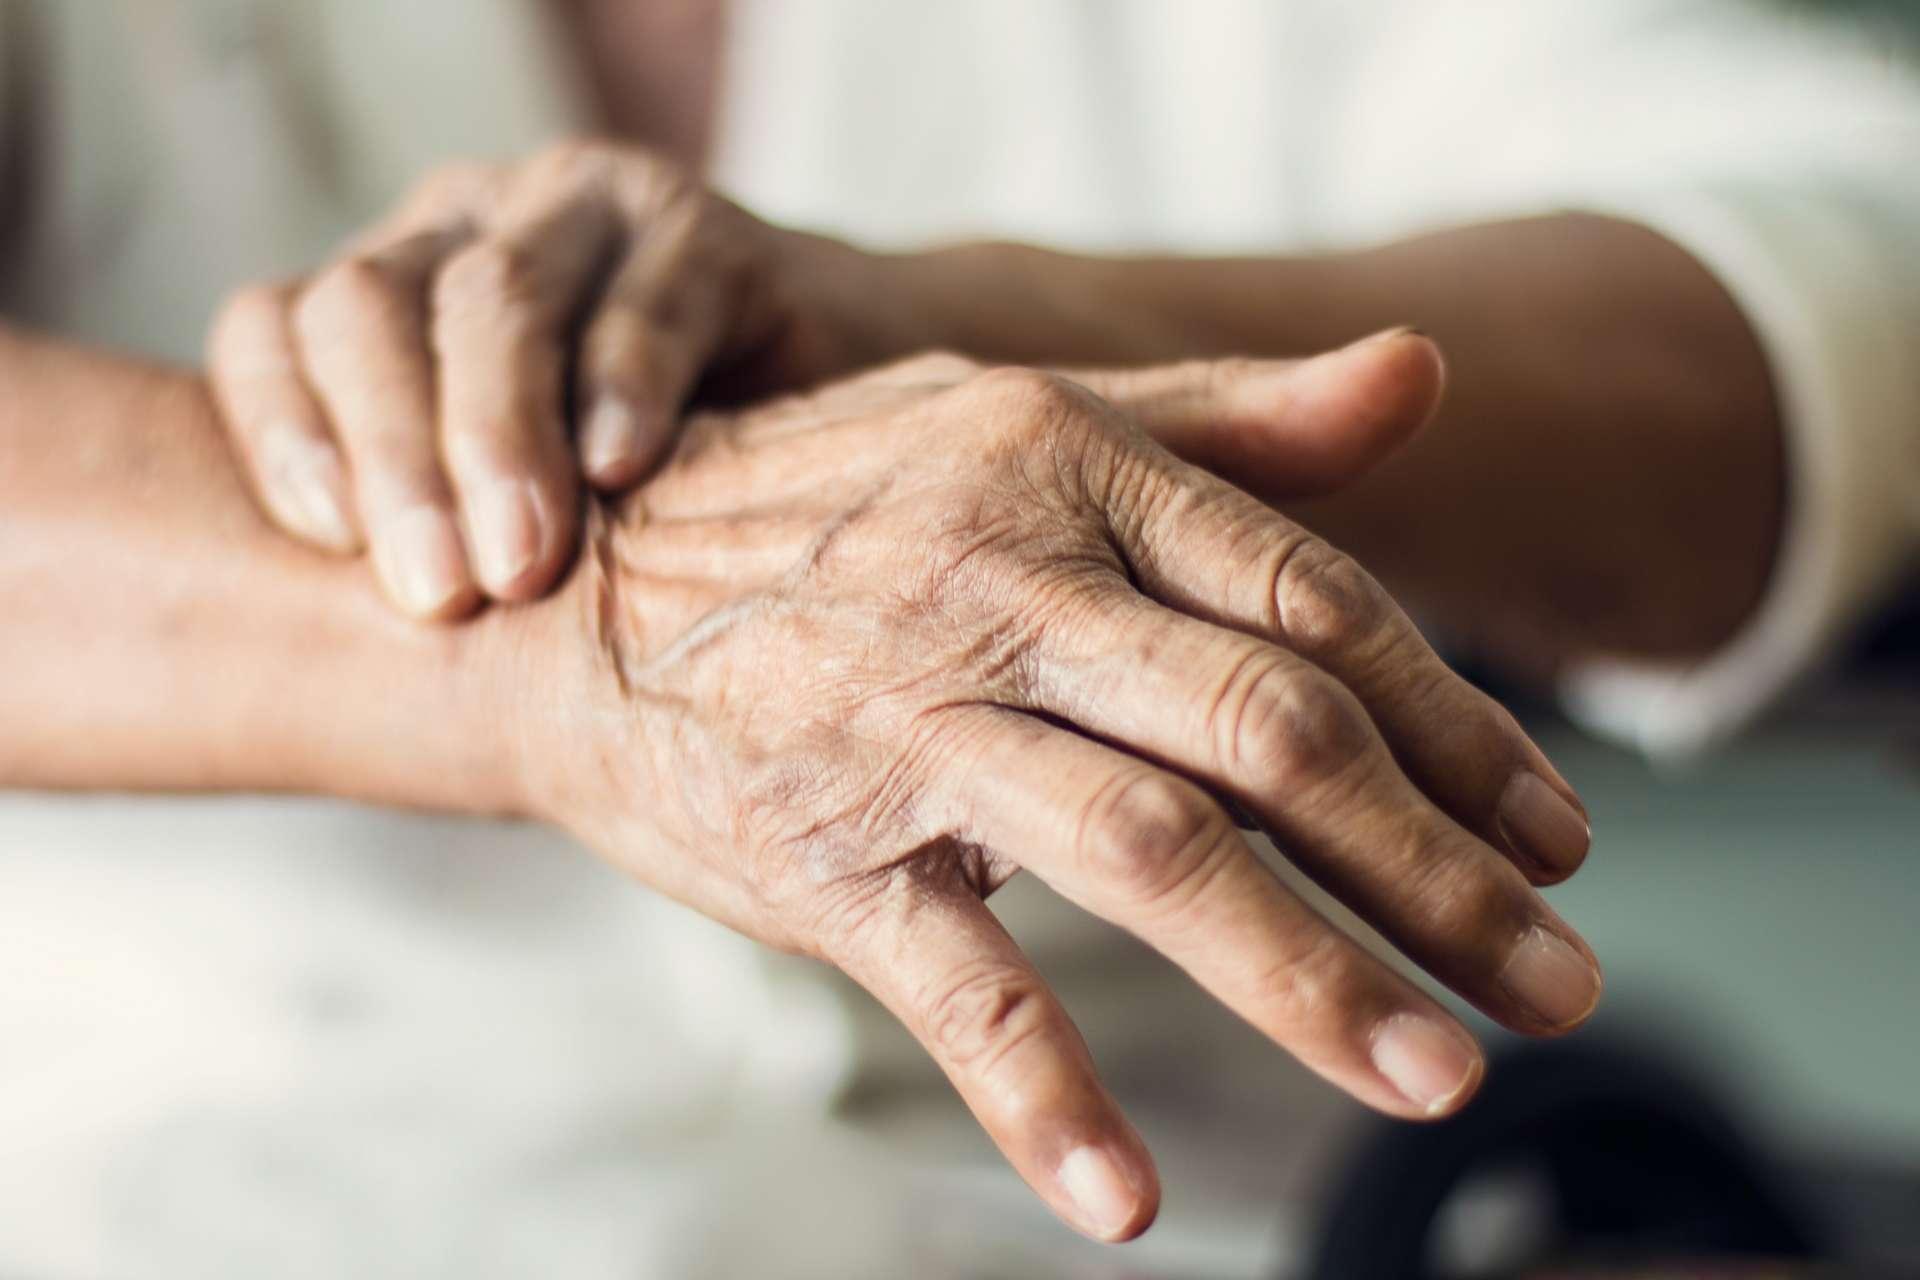 La maladie de Parkinson est une maladie neurodégénérative, dont les premiers symptômes peuvent apparaître dès 45 ans – mais en moyenne à 58 ans –, et pour laquelle il n'existe aucun traitement définitif, bien que certains puissent atténuer voire éliminer des symptômes. © Ipopba, Adobe Stock